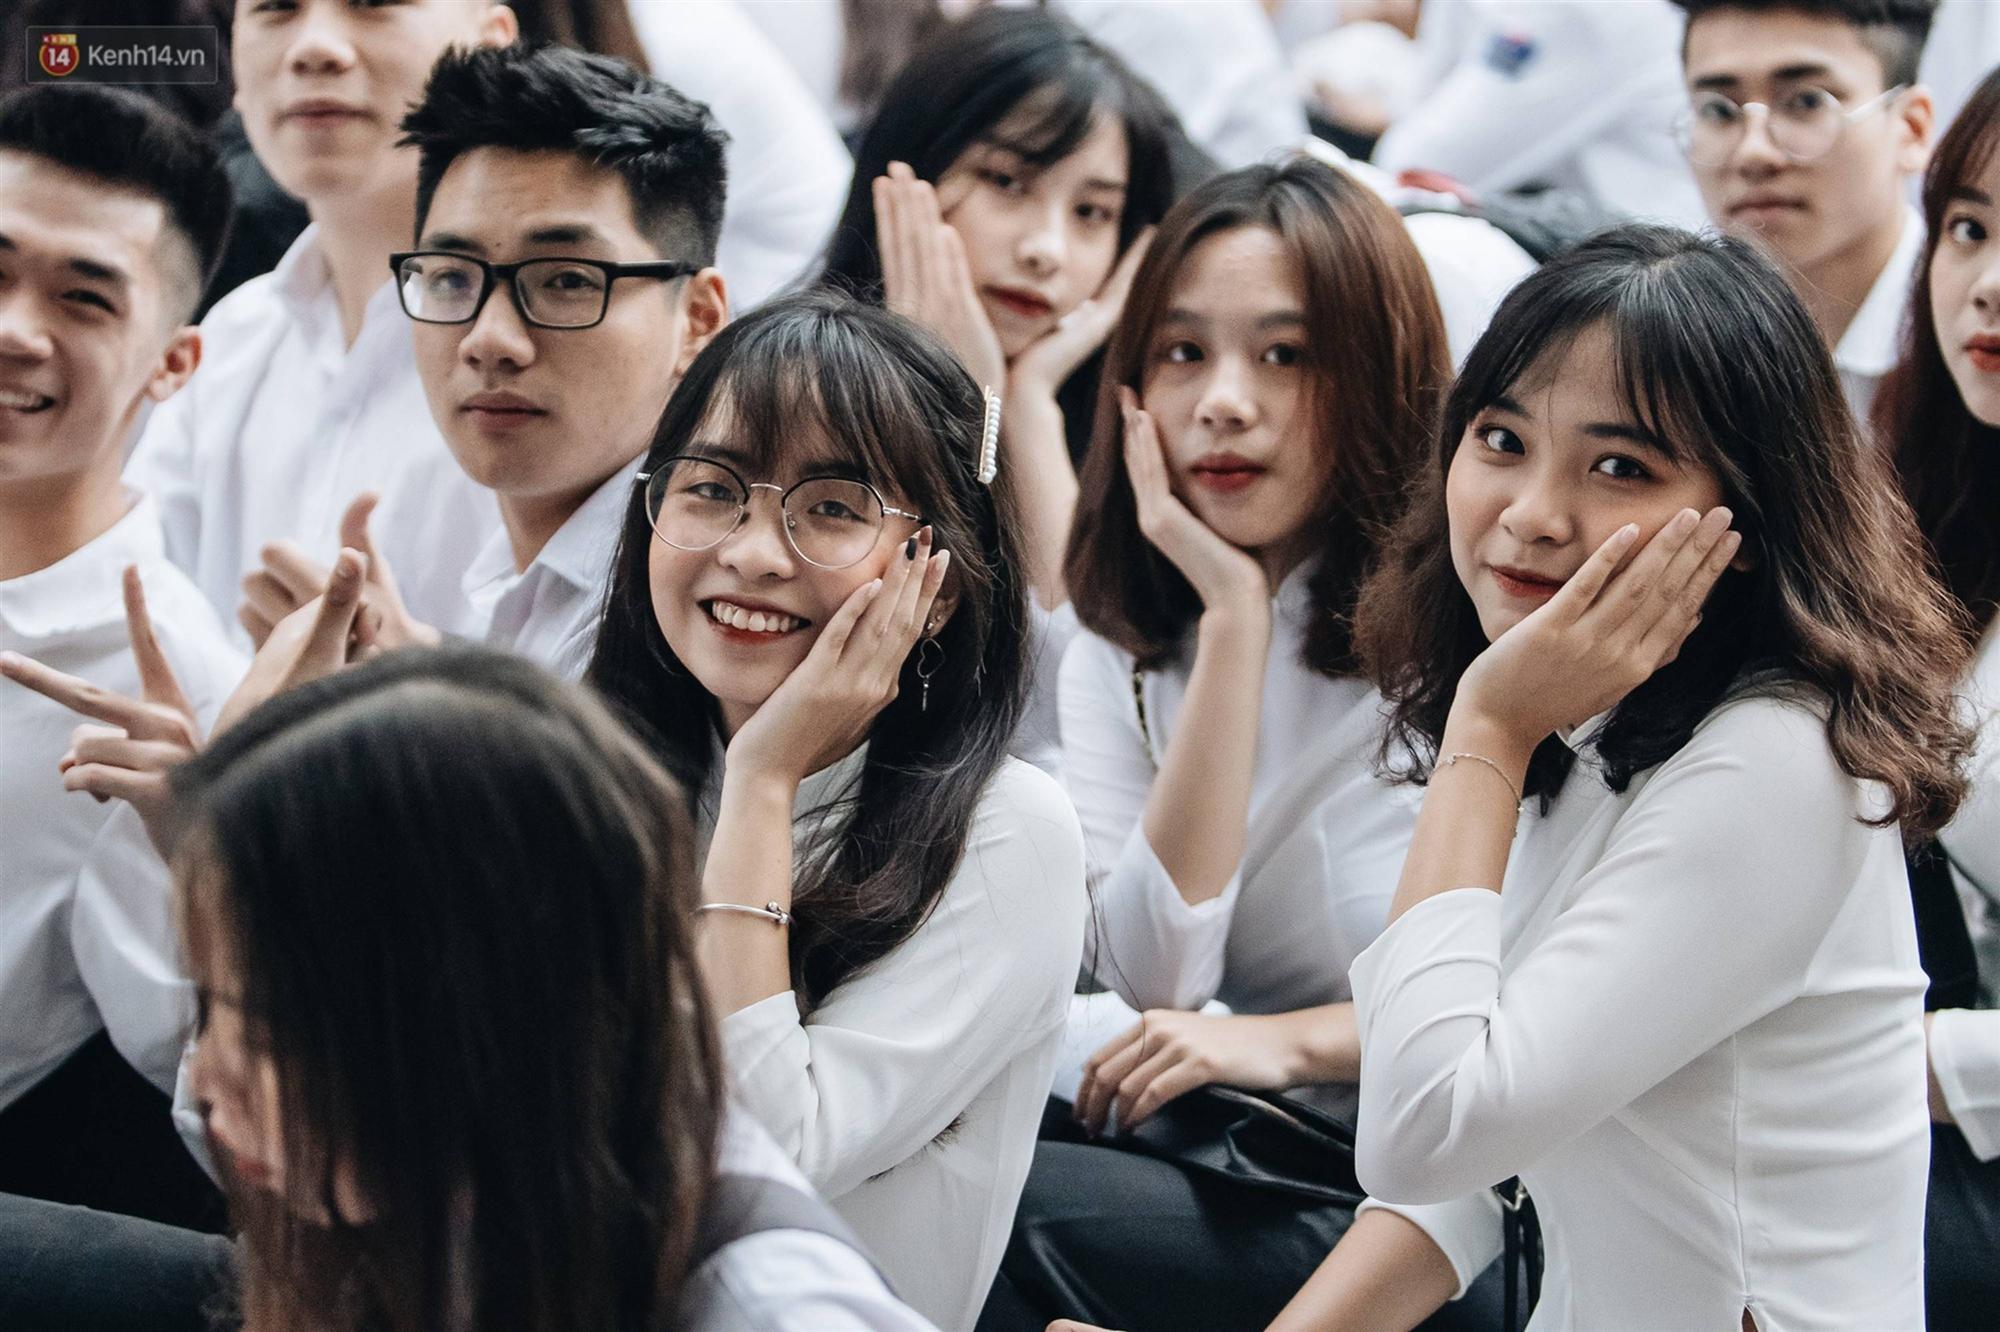 Mặc áo dài trắng đội mưa dự lễ bế giảng, dàn nữ sinh ngôi trường này gây thương nhớ vì quá xinh xắn-9